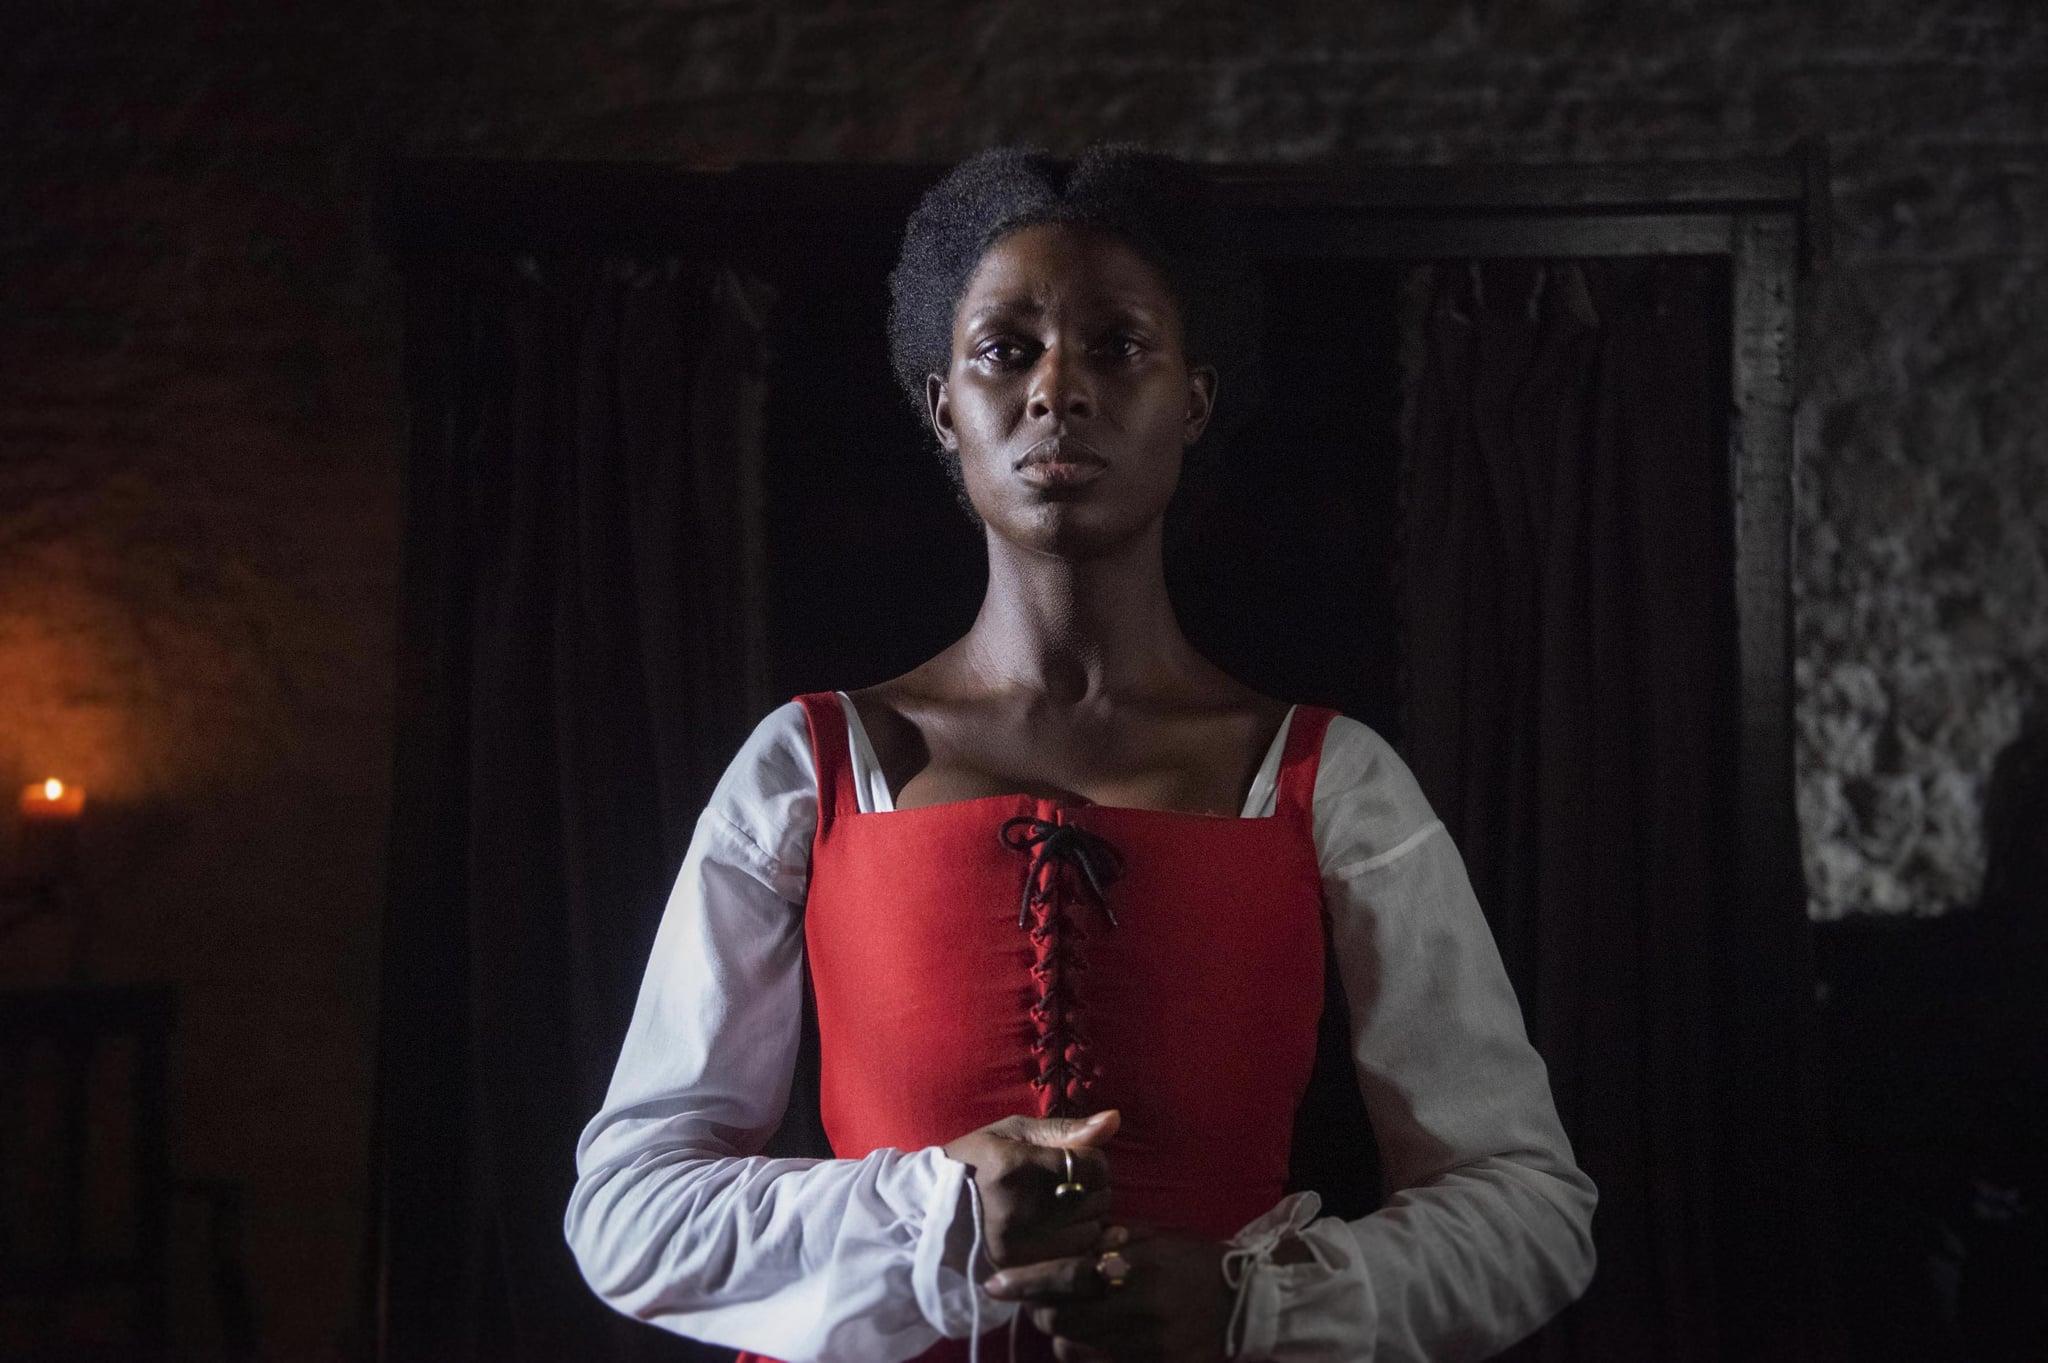 Anne Boleyn: Episode 3 - CAST: Anne Boleyn (Played by Jodie Turner-Smith)